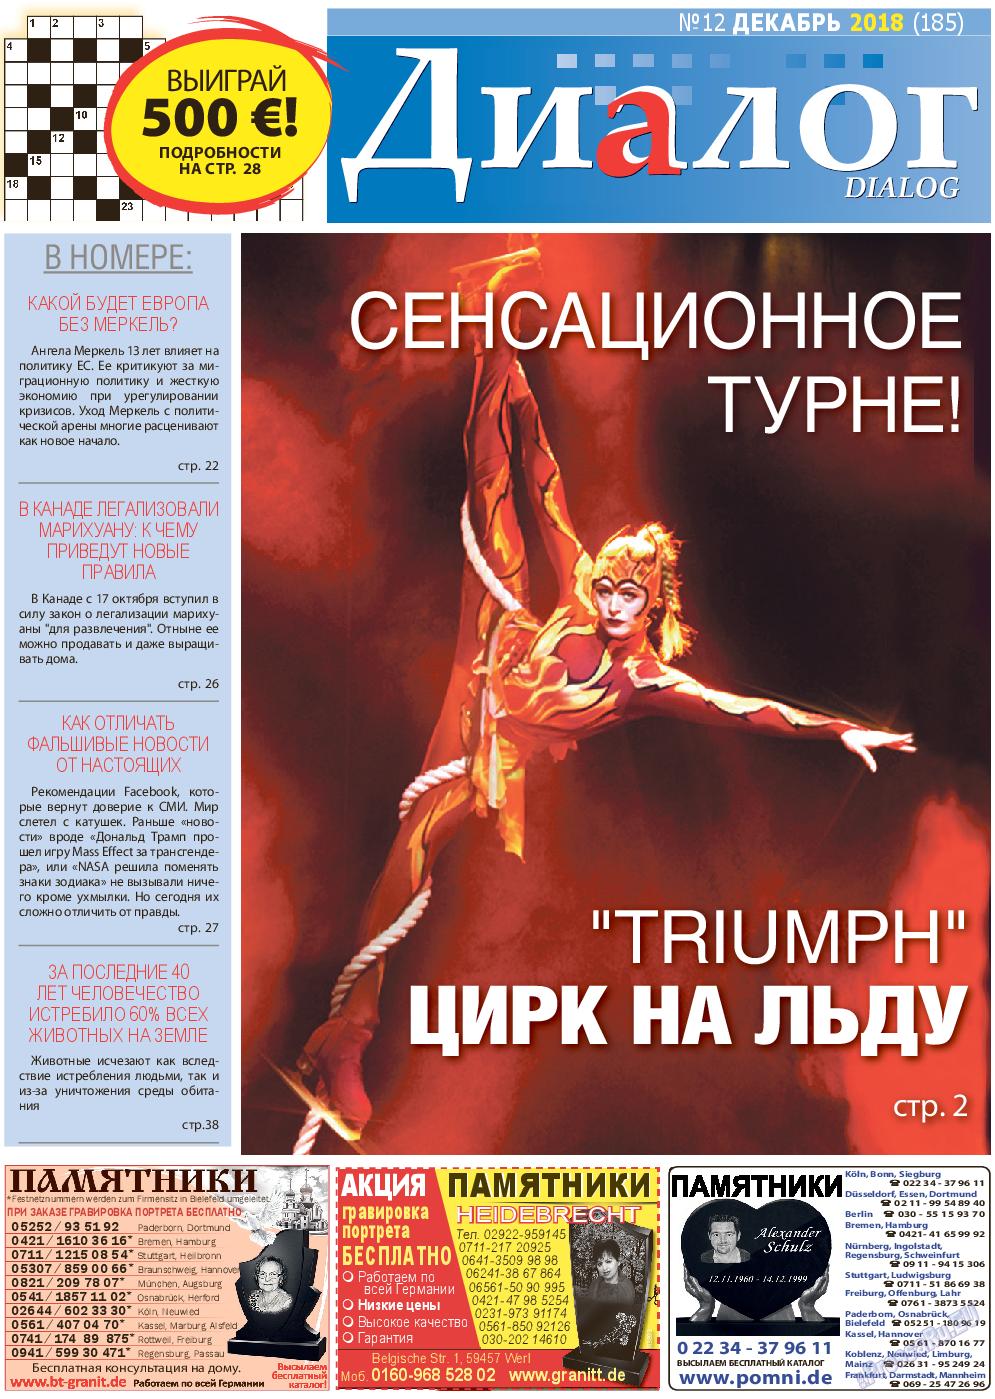 Диалог (газета). 2018 год, номер 12, стр. 1